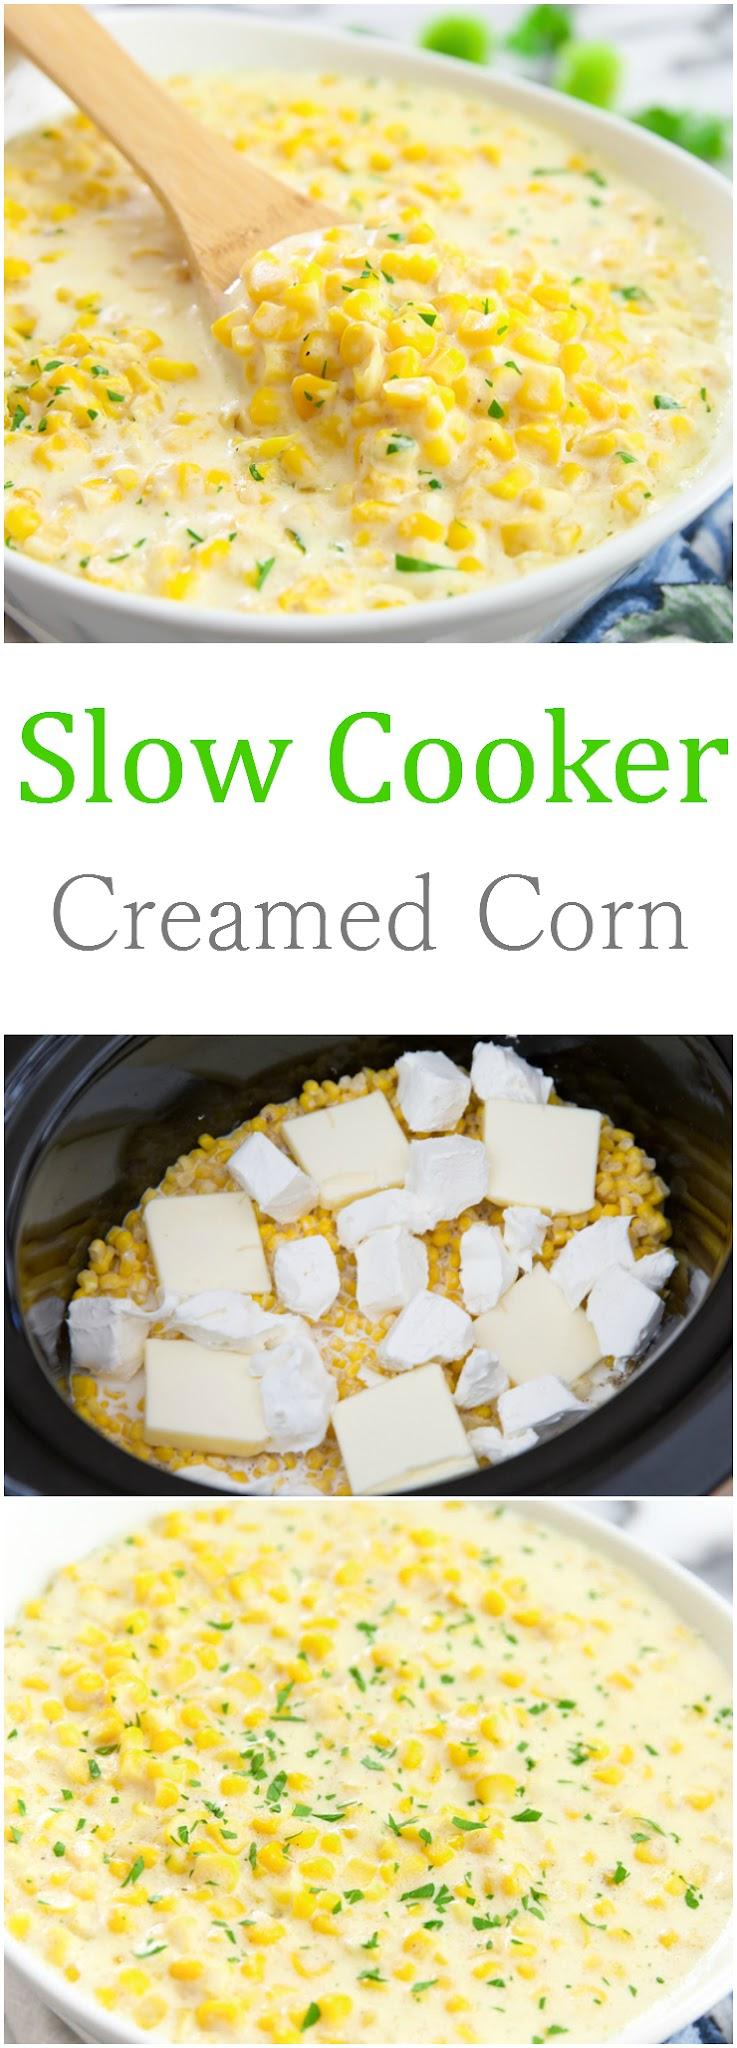 Slow Cooker Creamed Corn - Kirbie's Cravings